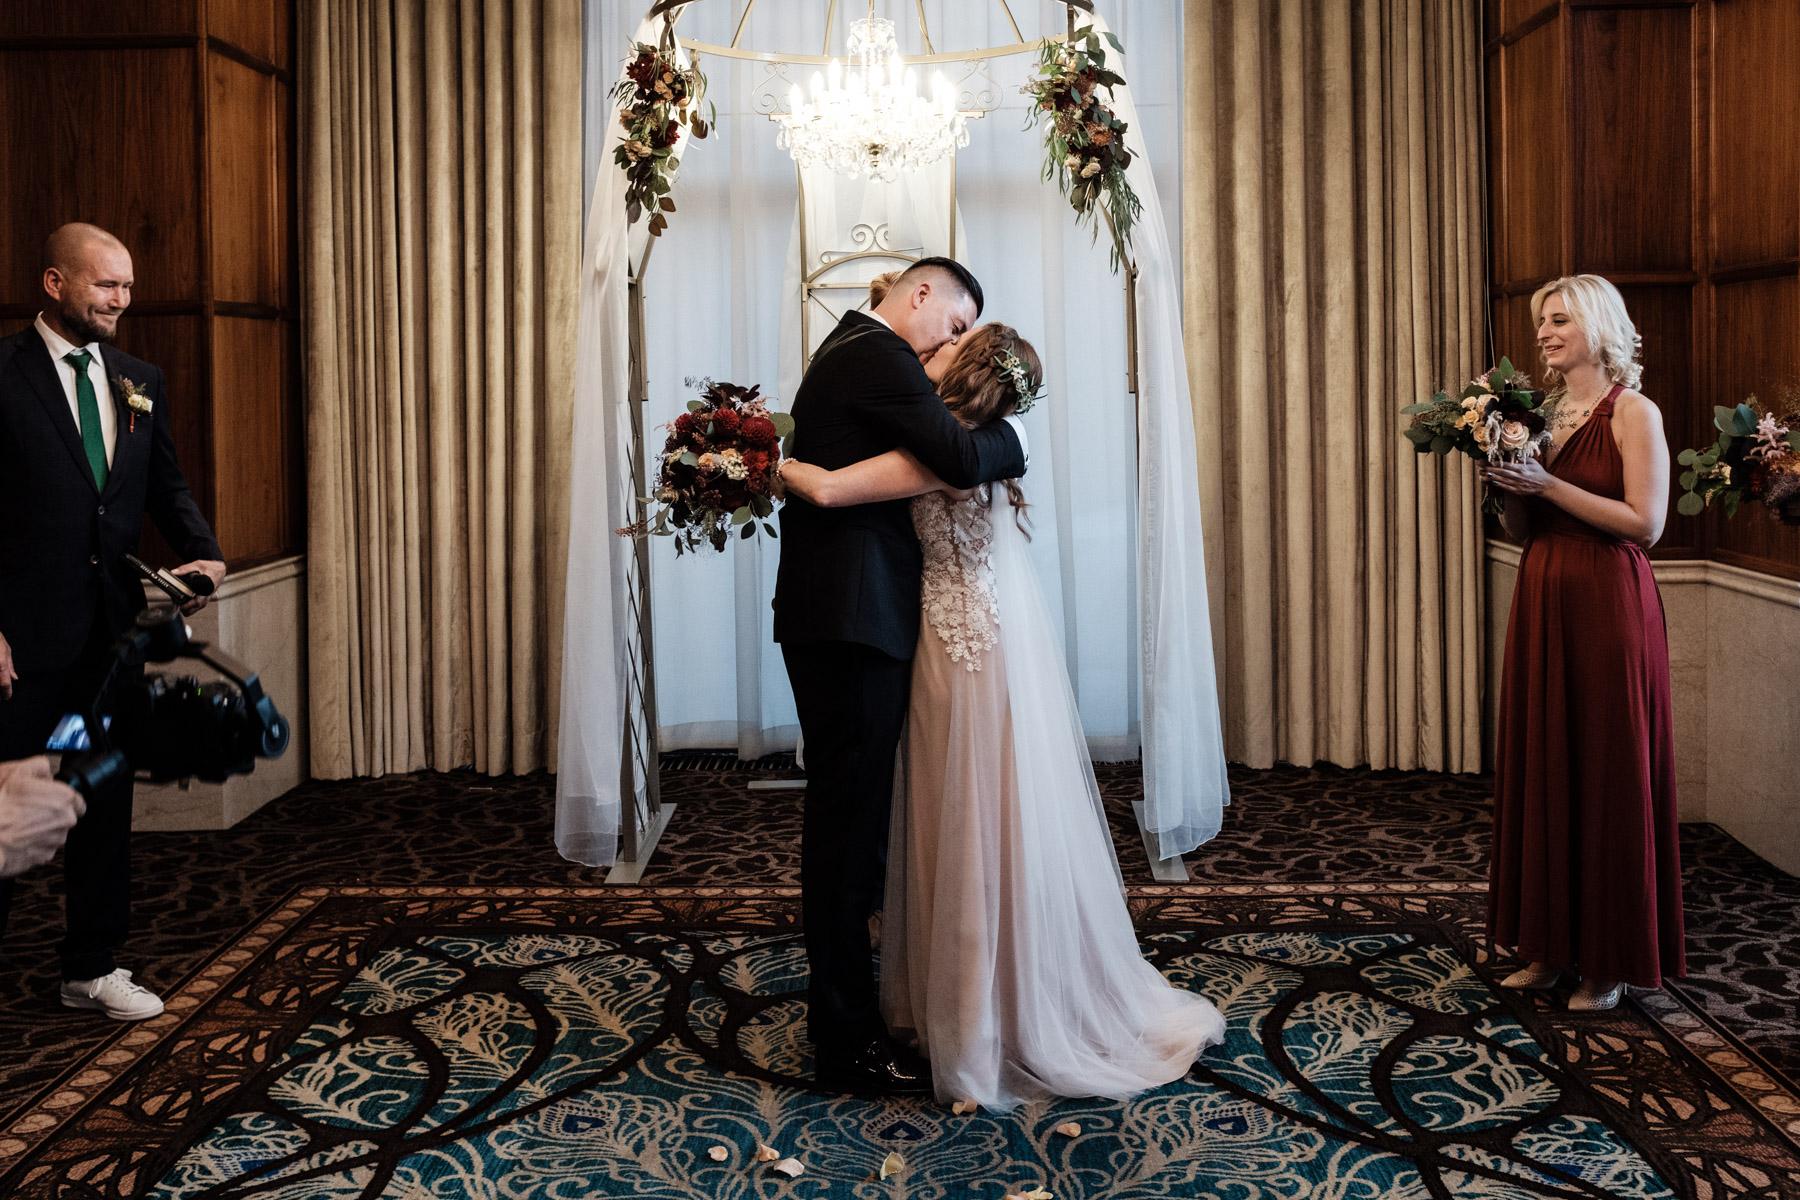 MartinLiebl_Kein_Hochzeitsfotograf_No_Wedding_Photographer_Budapest_Gresham_Palace_042.jpg